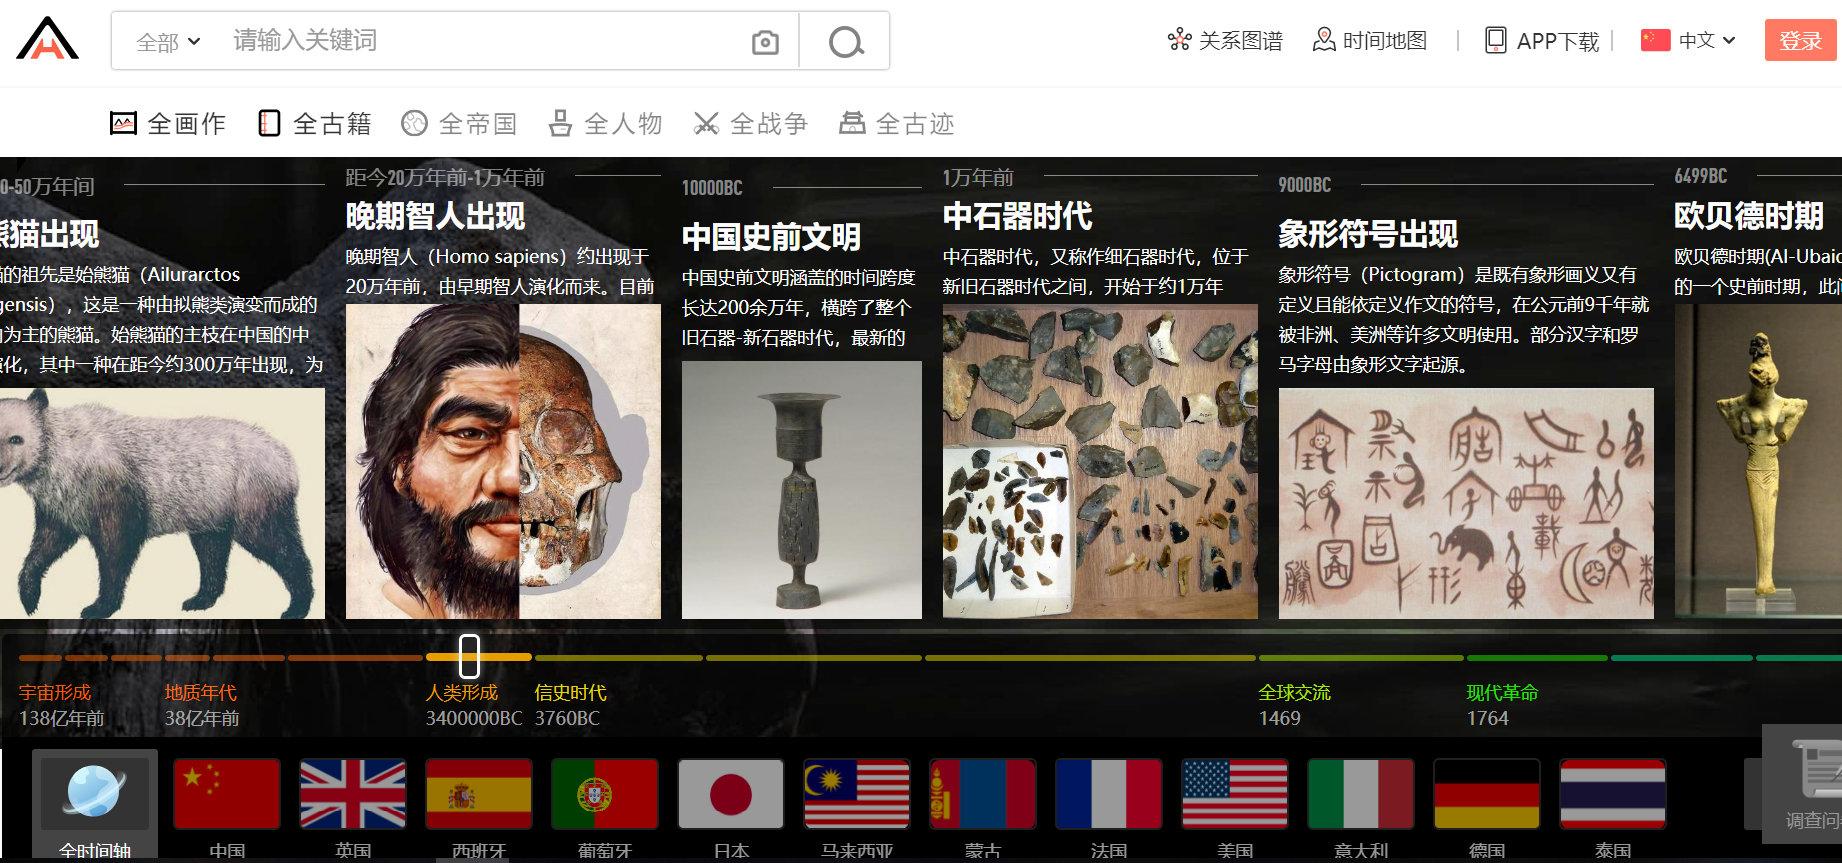 全历史:一个学习了解历史的网站,换个角度看世界 涨姿势 第1张